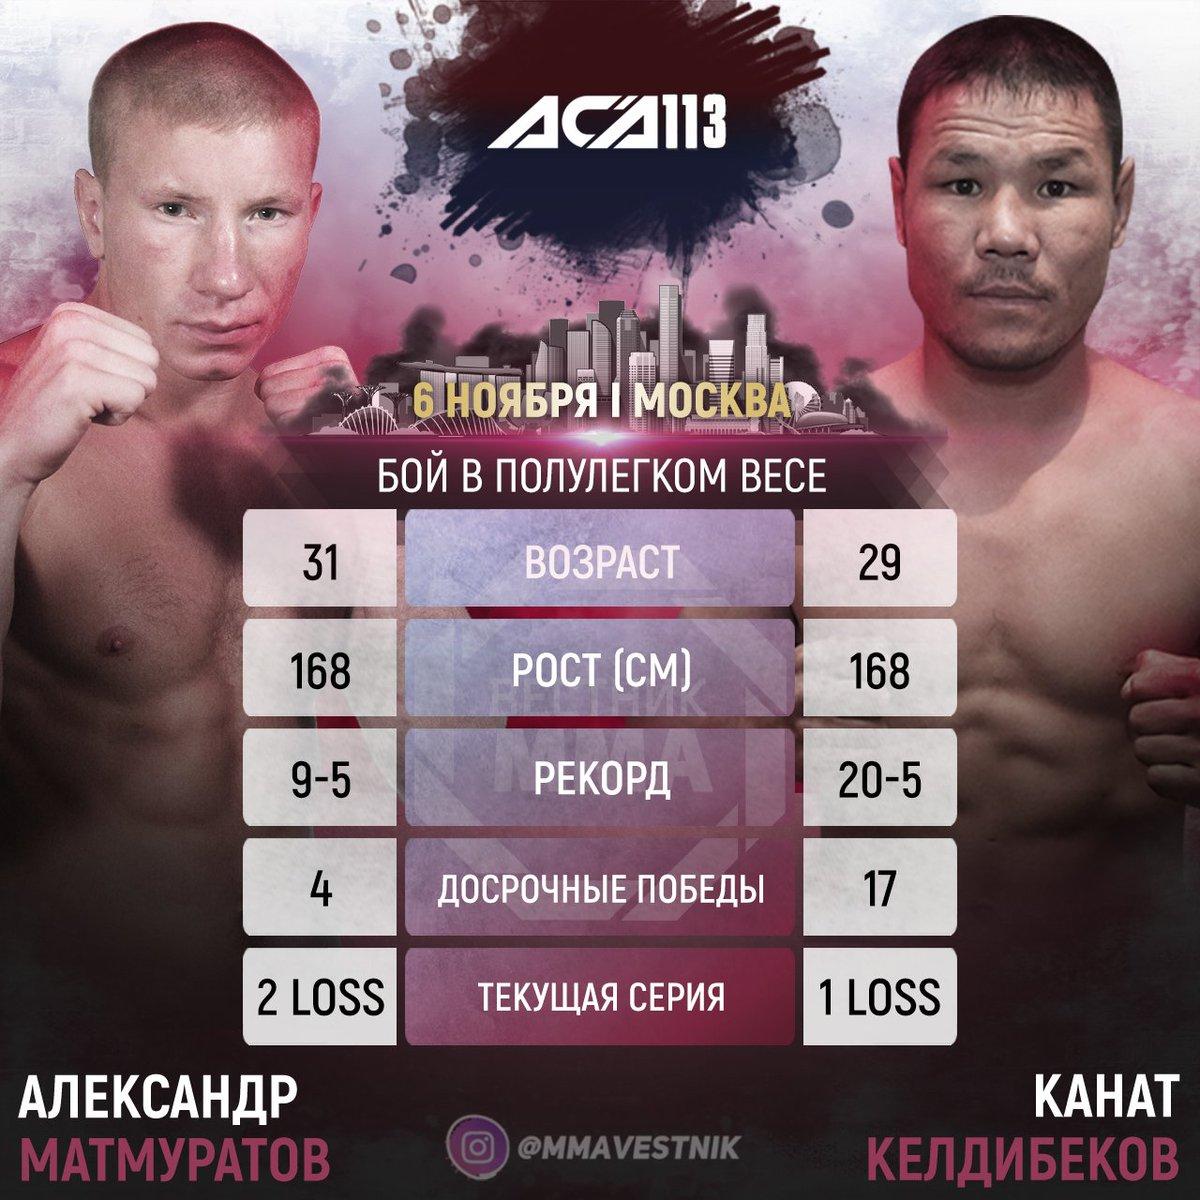 👊🏻 Александр Матмуратов (ACA 0-1) и Канат Келдибеков (ACA 2-1) проведут бой 6 ноября на турнире #ACA113 в Москве. https://t.co/HK5PO7jgF7